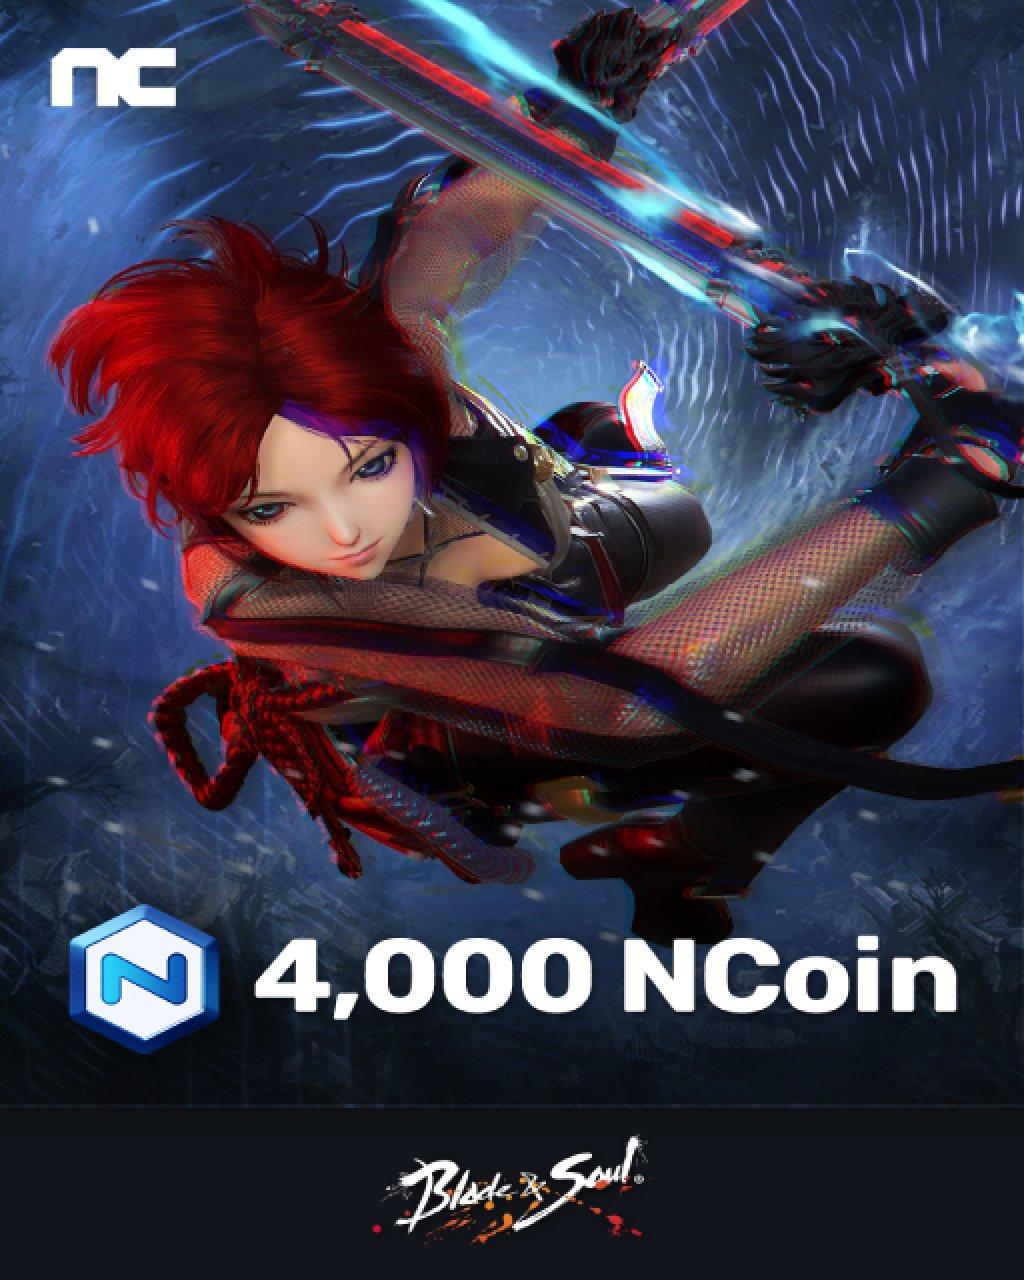 NCoin 4000